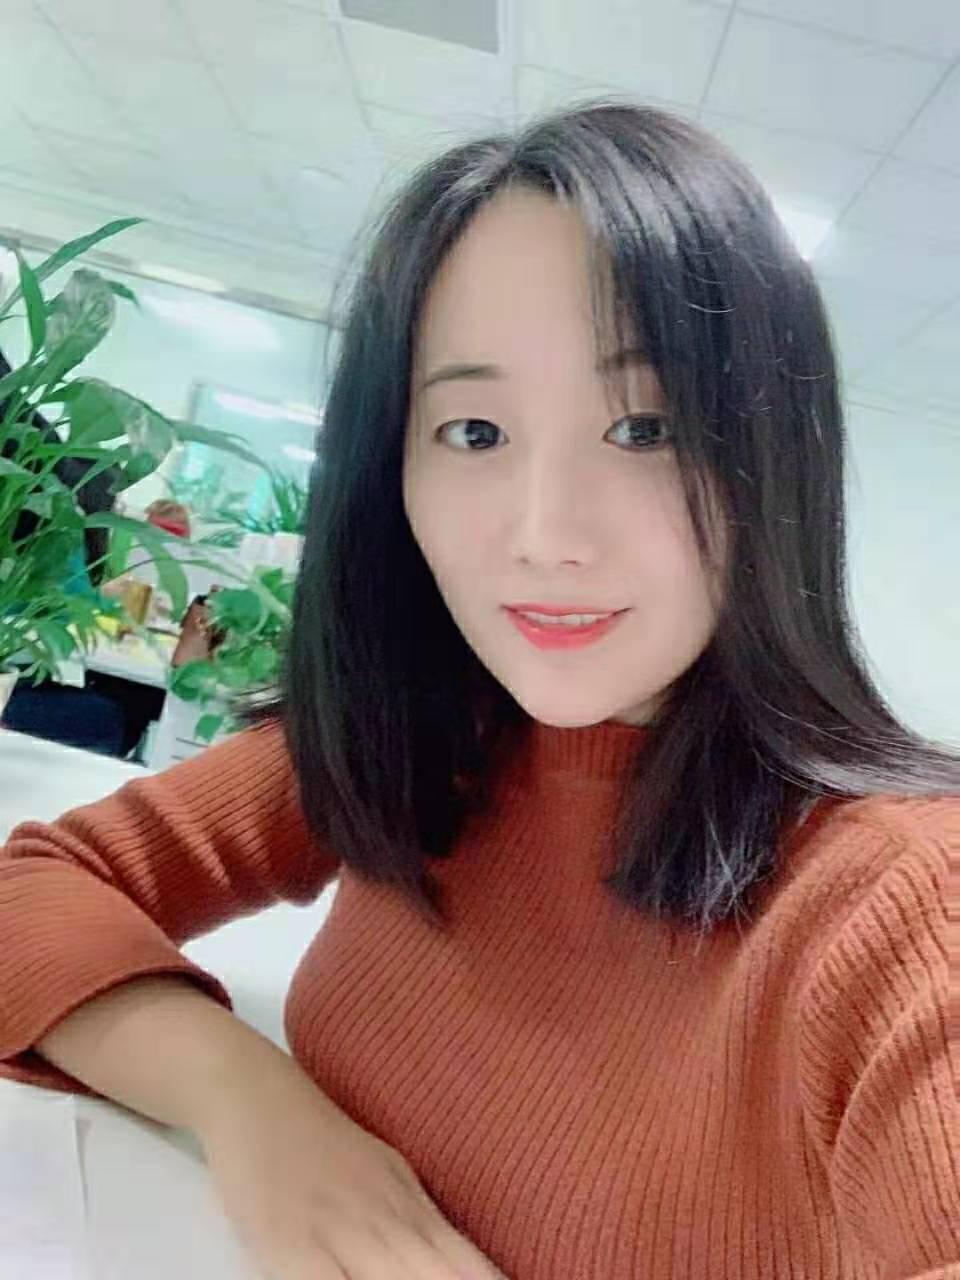 魯雙雙 - qaxyf.com北納標物網